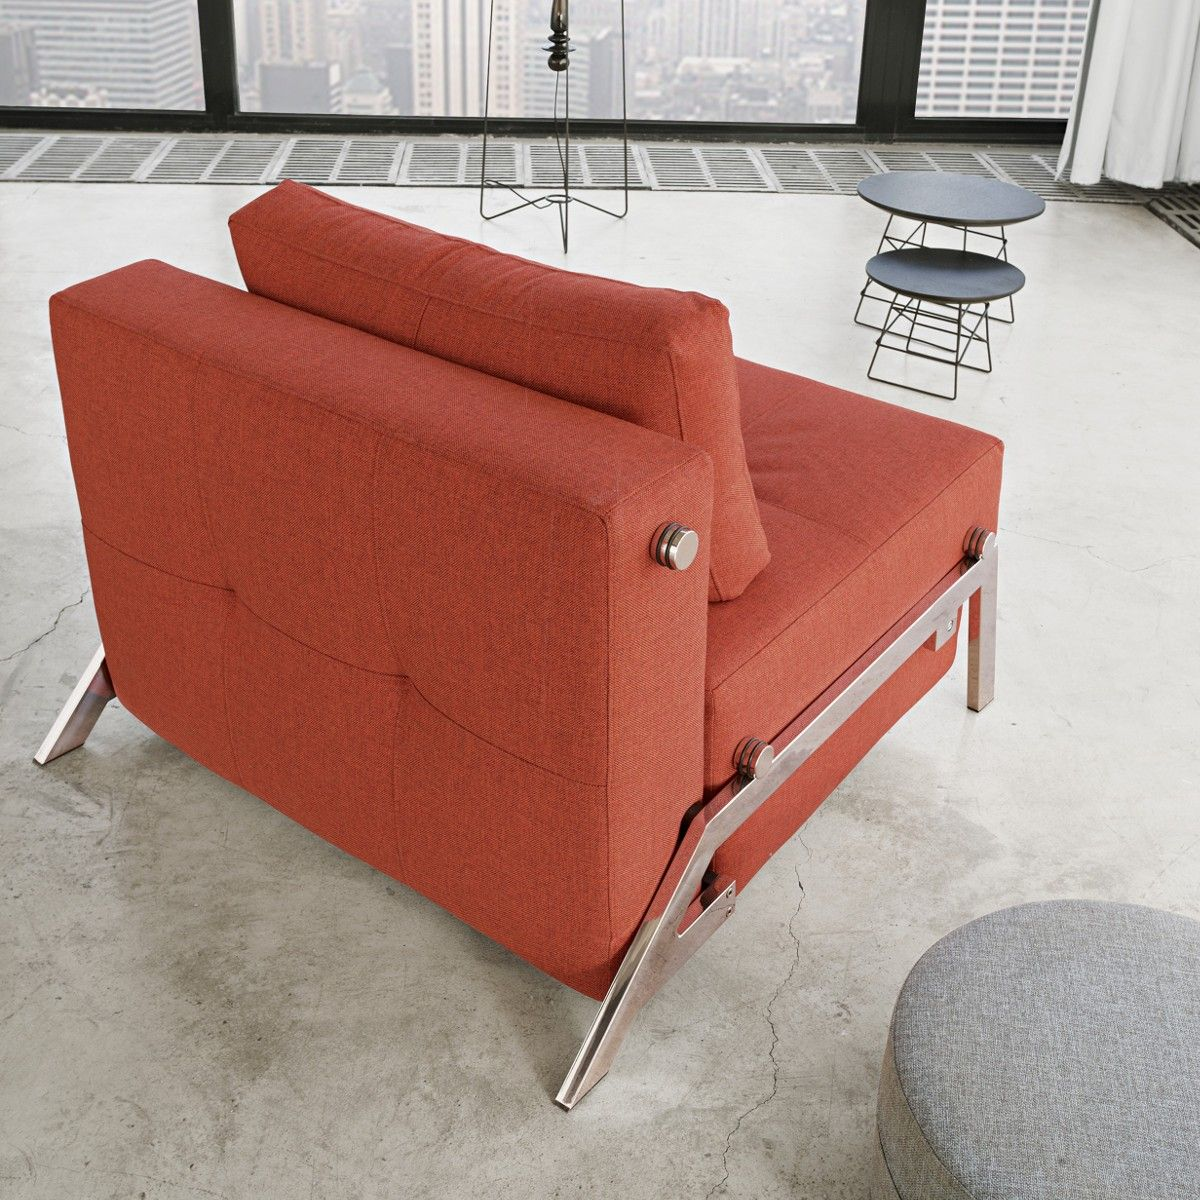 Poltrona Che Diventa Letto Singolo.Poltrona Letto Cubed Trasformabile Letto Singolo Design Moderno